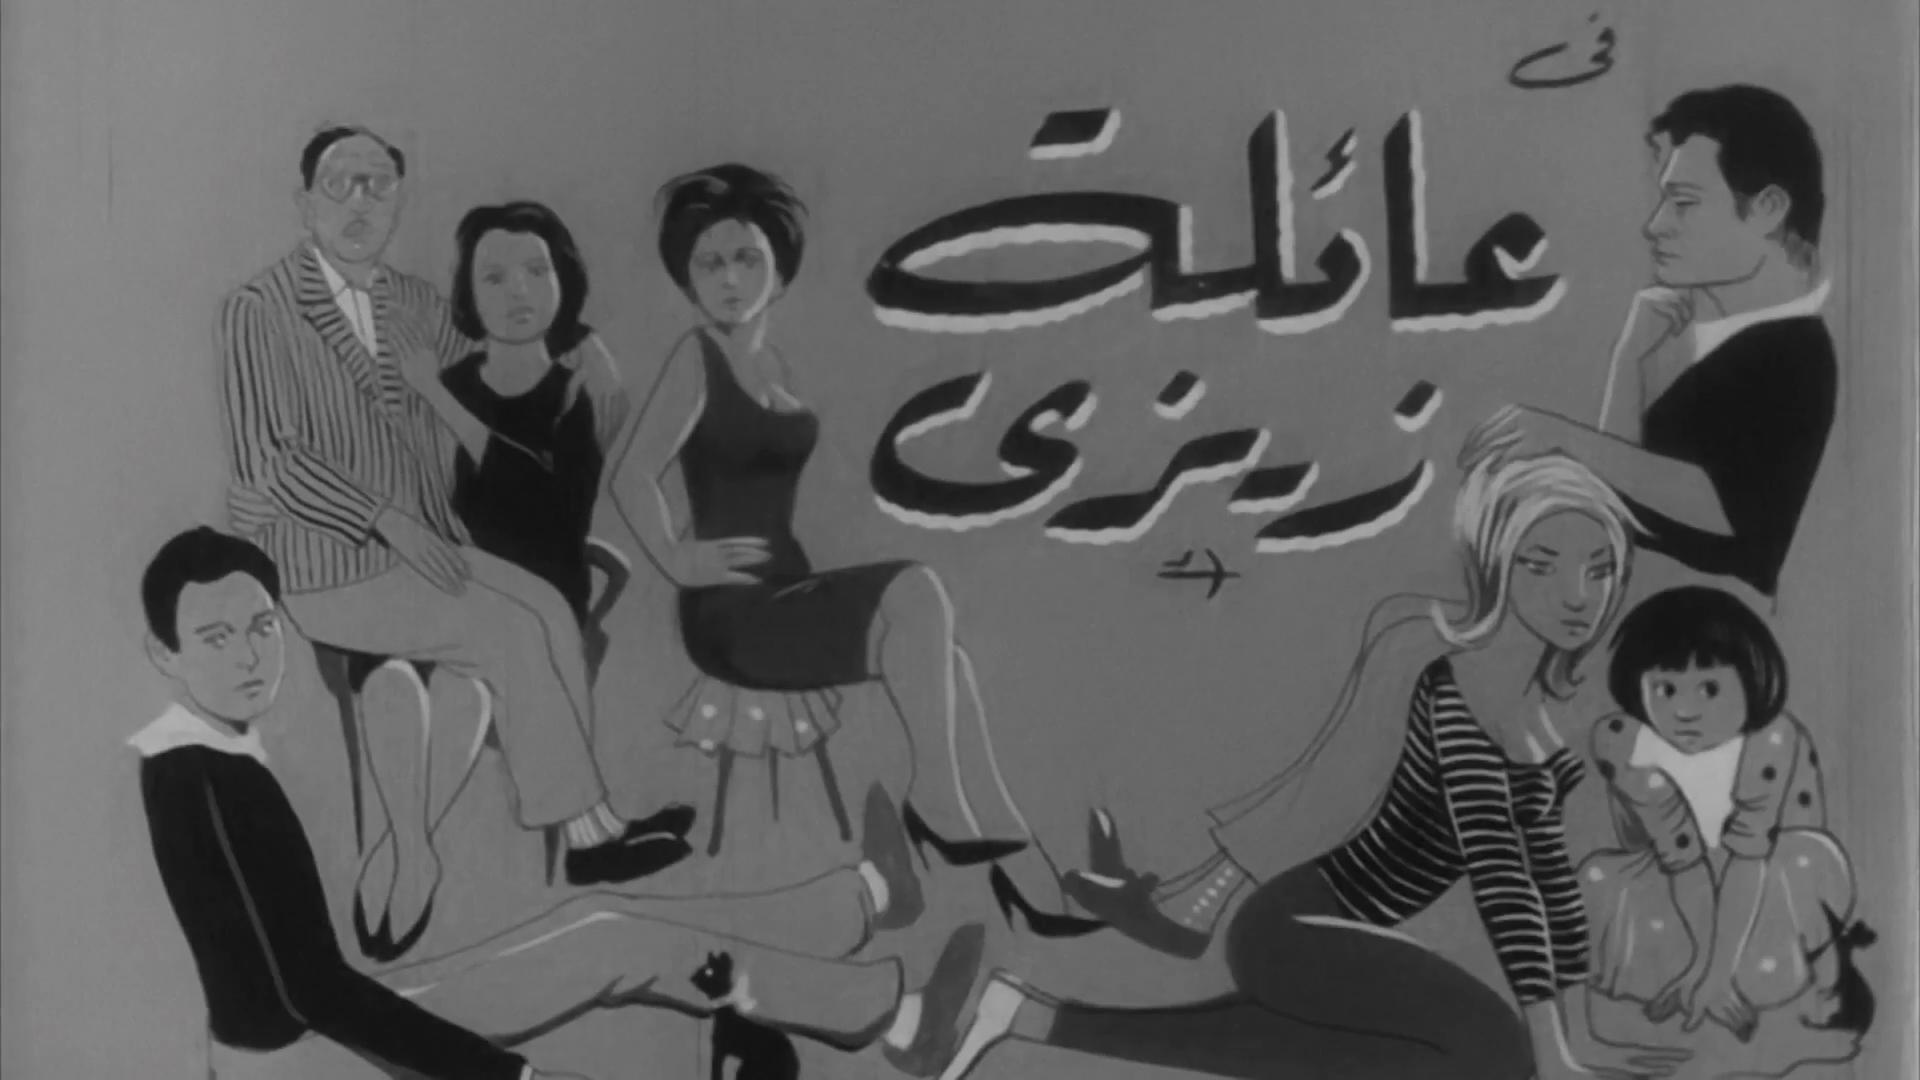 [فيلم][تورنت][تحميل][عائلة زيزي TS][1963][1080p][Web-DL] 4 arabp2p.com